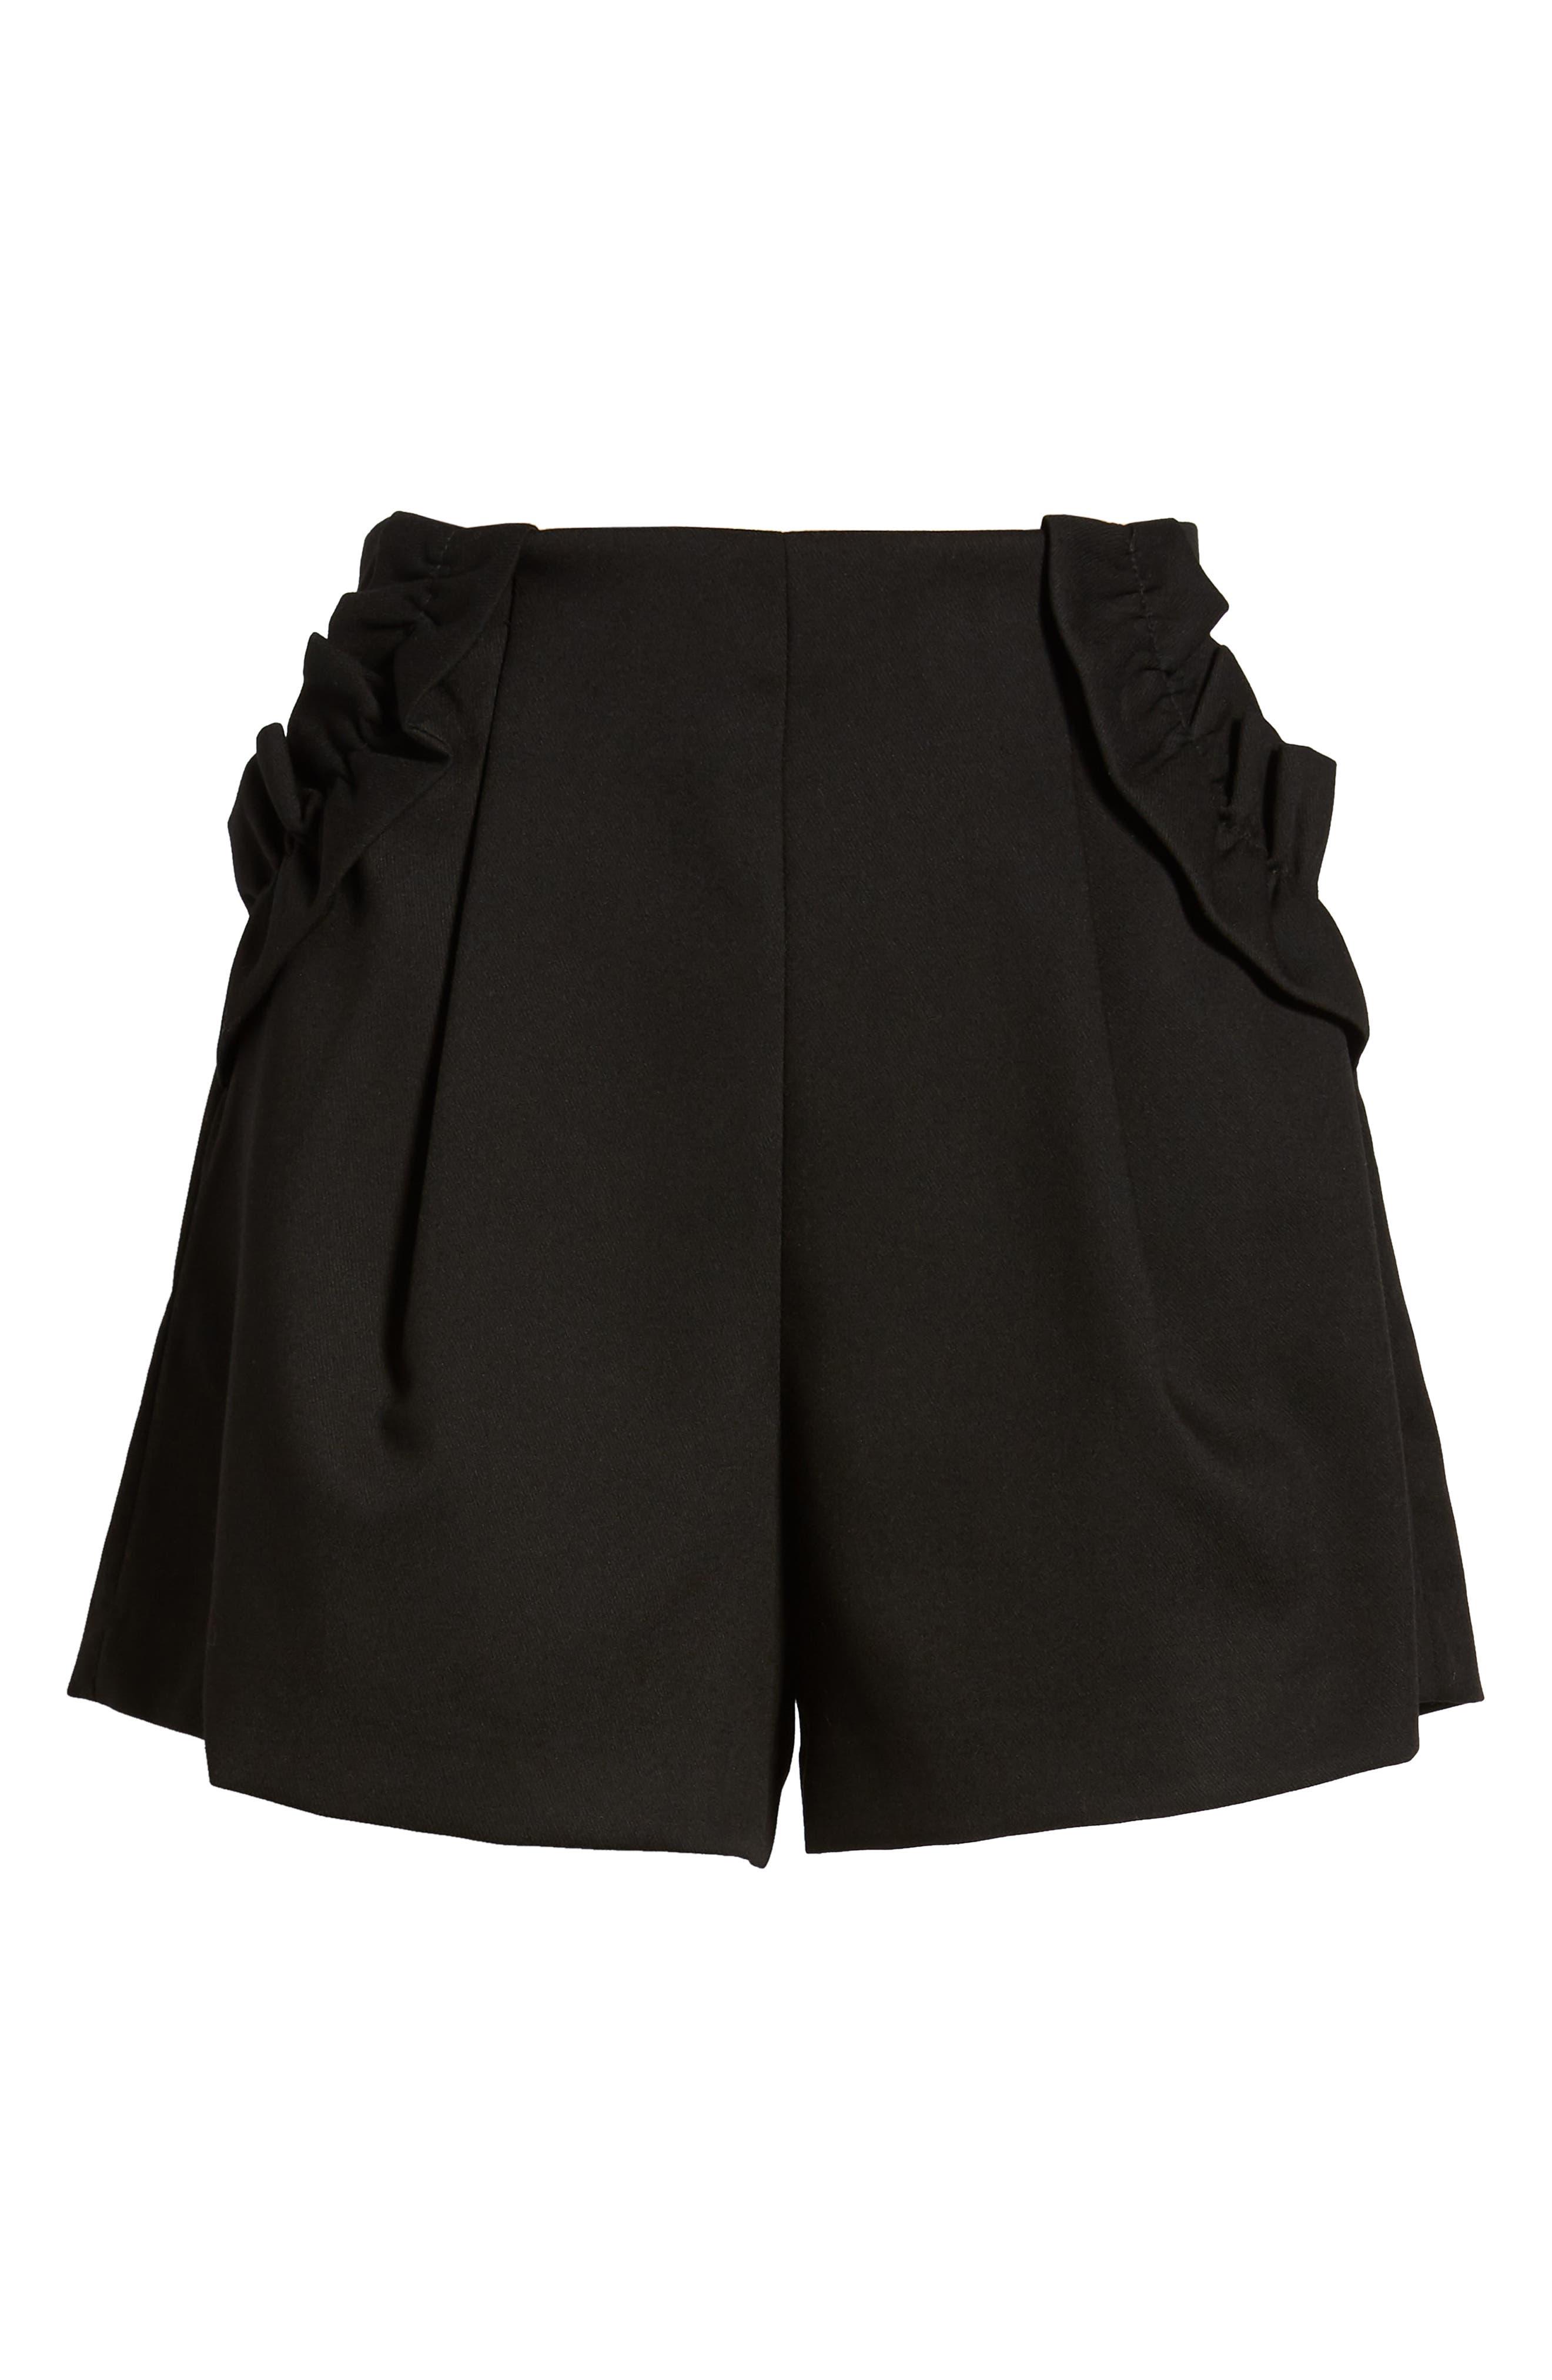 Harmony Shorts,                             Alternate thumbnail 6, color,                             Black